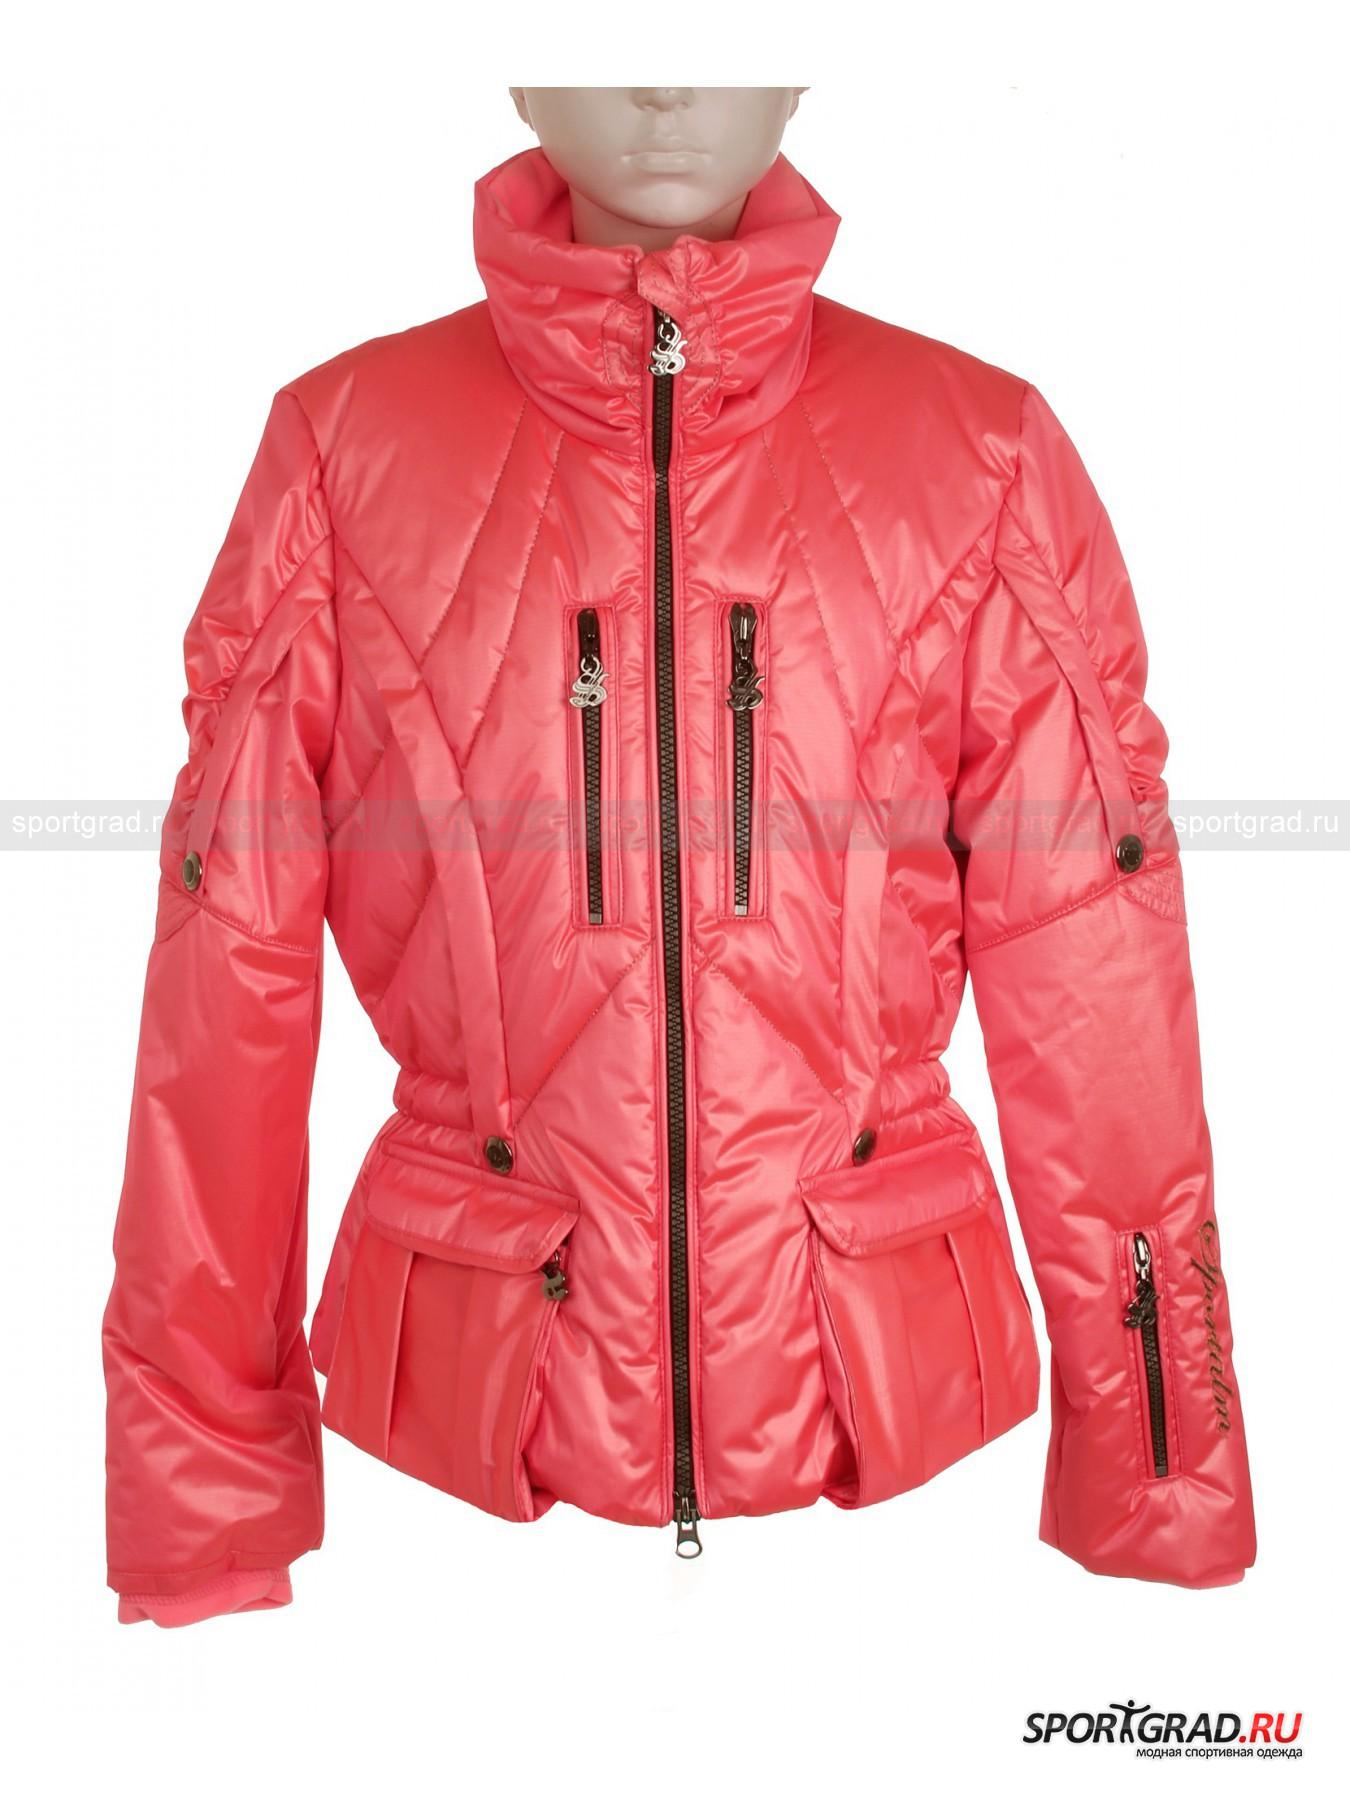 Куртка для детей и подростков Glimmer Princess SPORTALM от Спортград